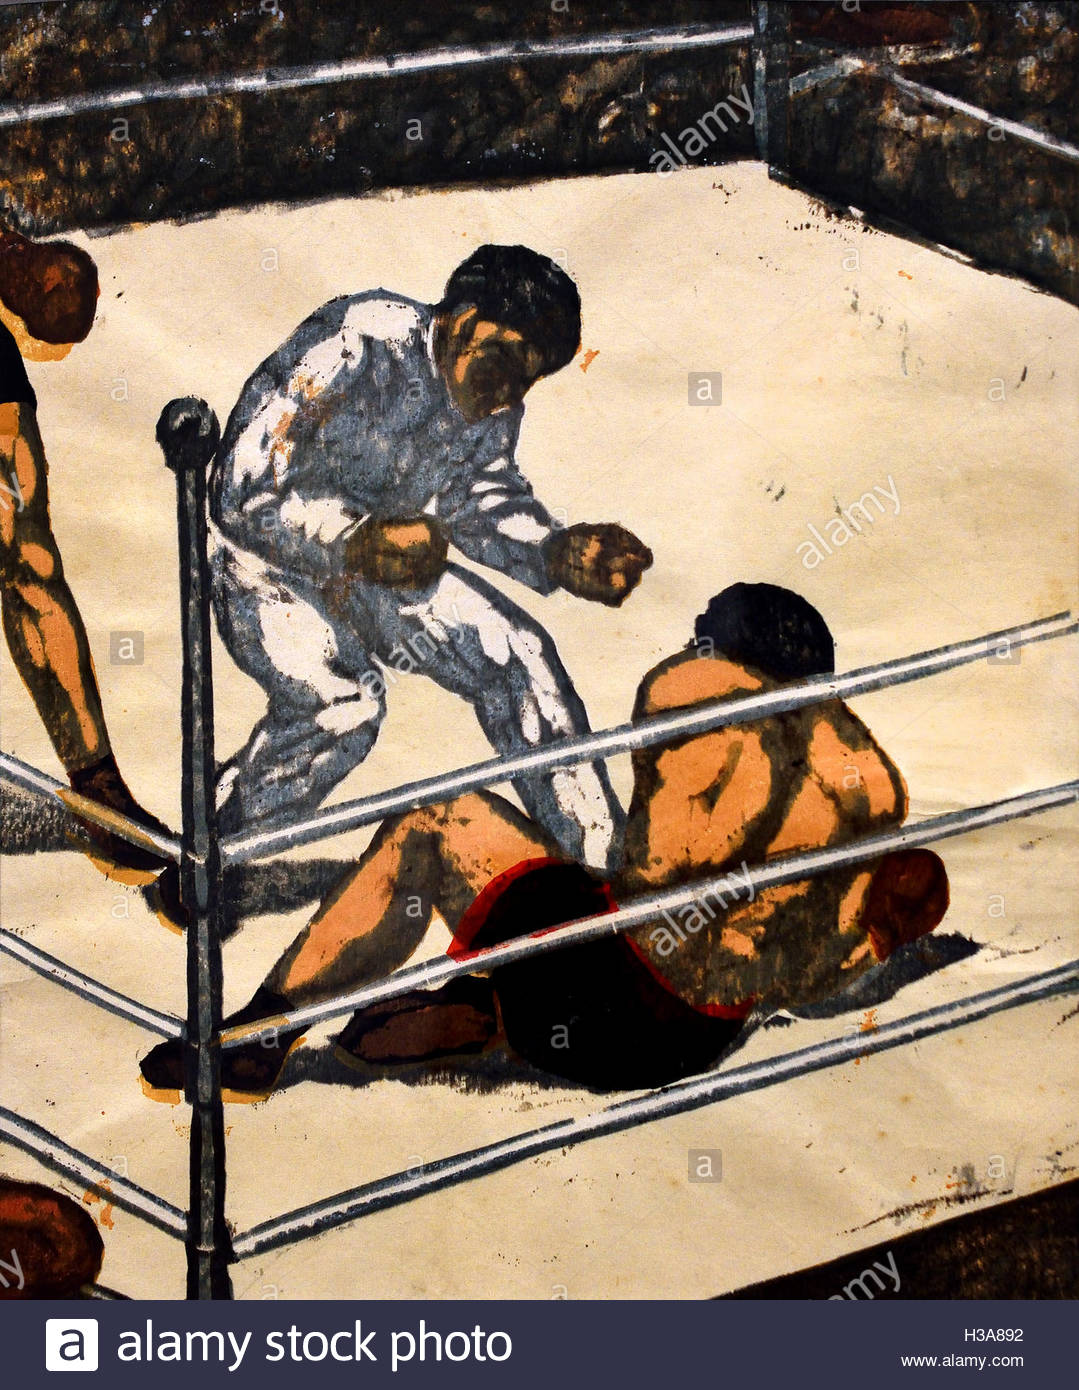 Abbattere ( Boxe - Boxer ) Onchi Koshiro 1891-1955 Giappone ( colore xilografia su carta ) Immagini Stock